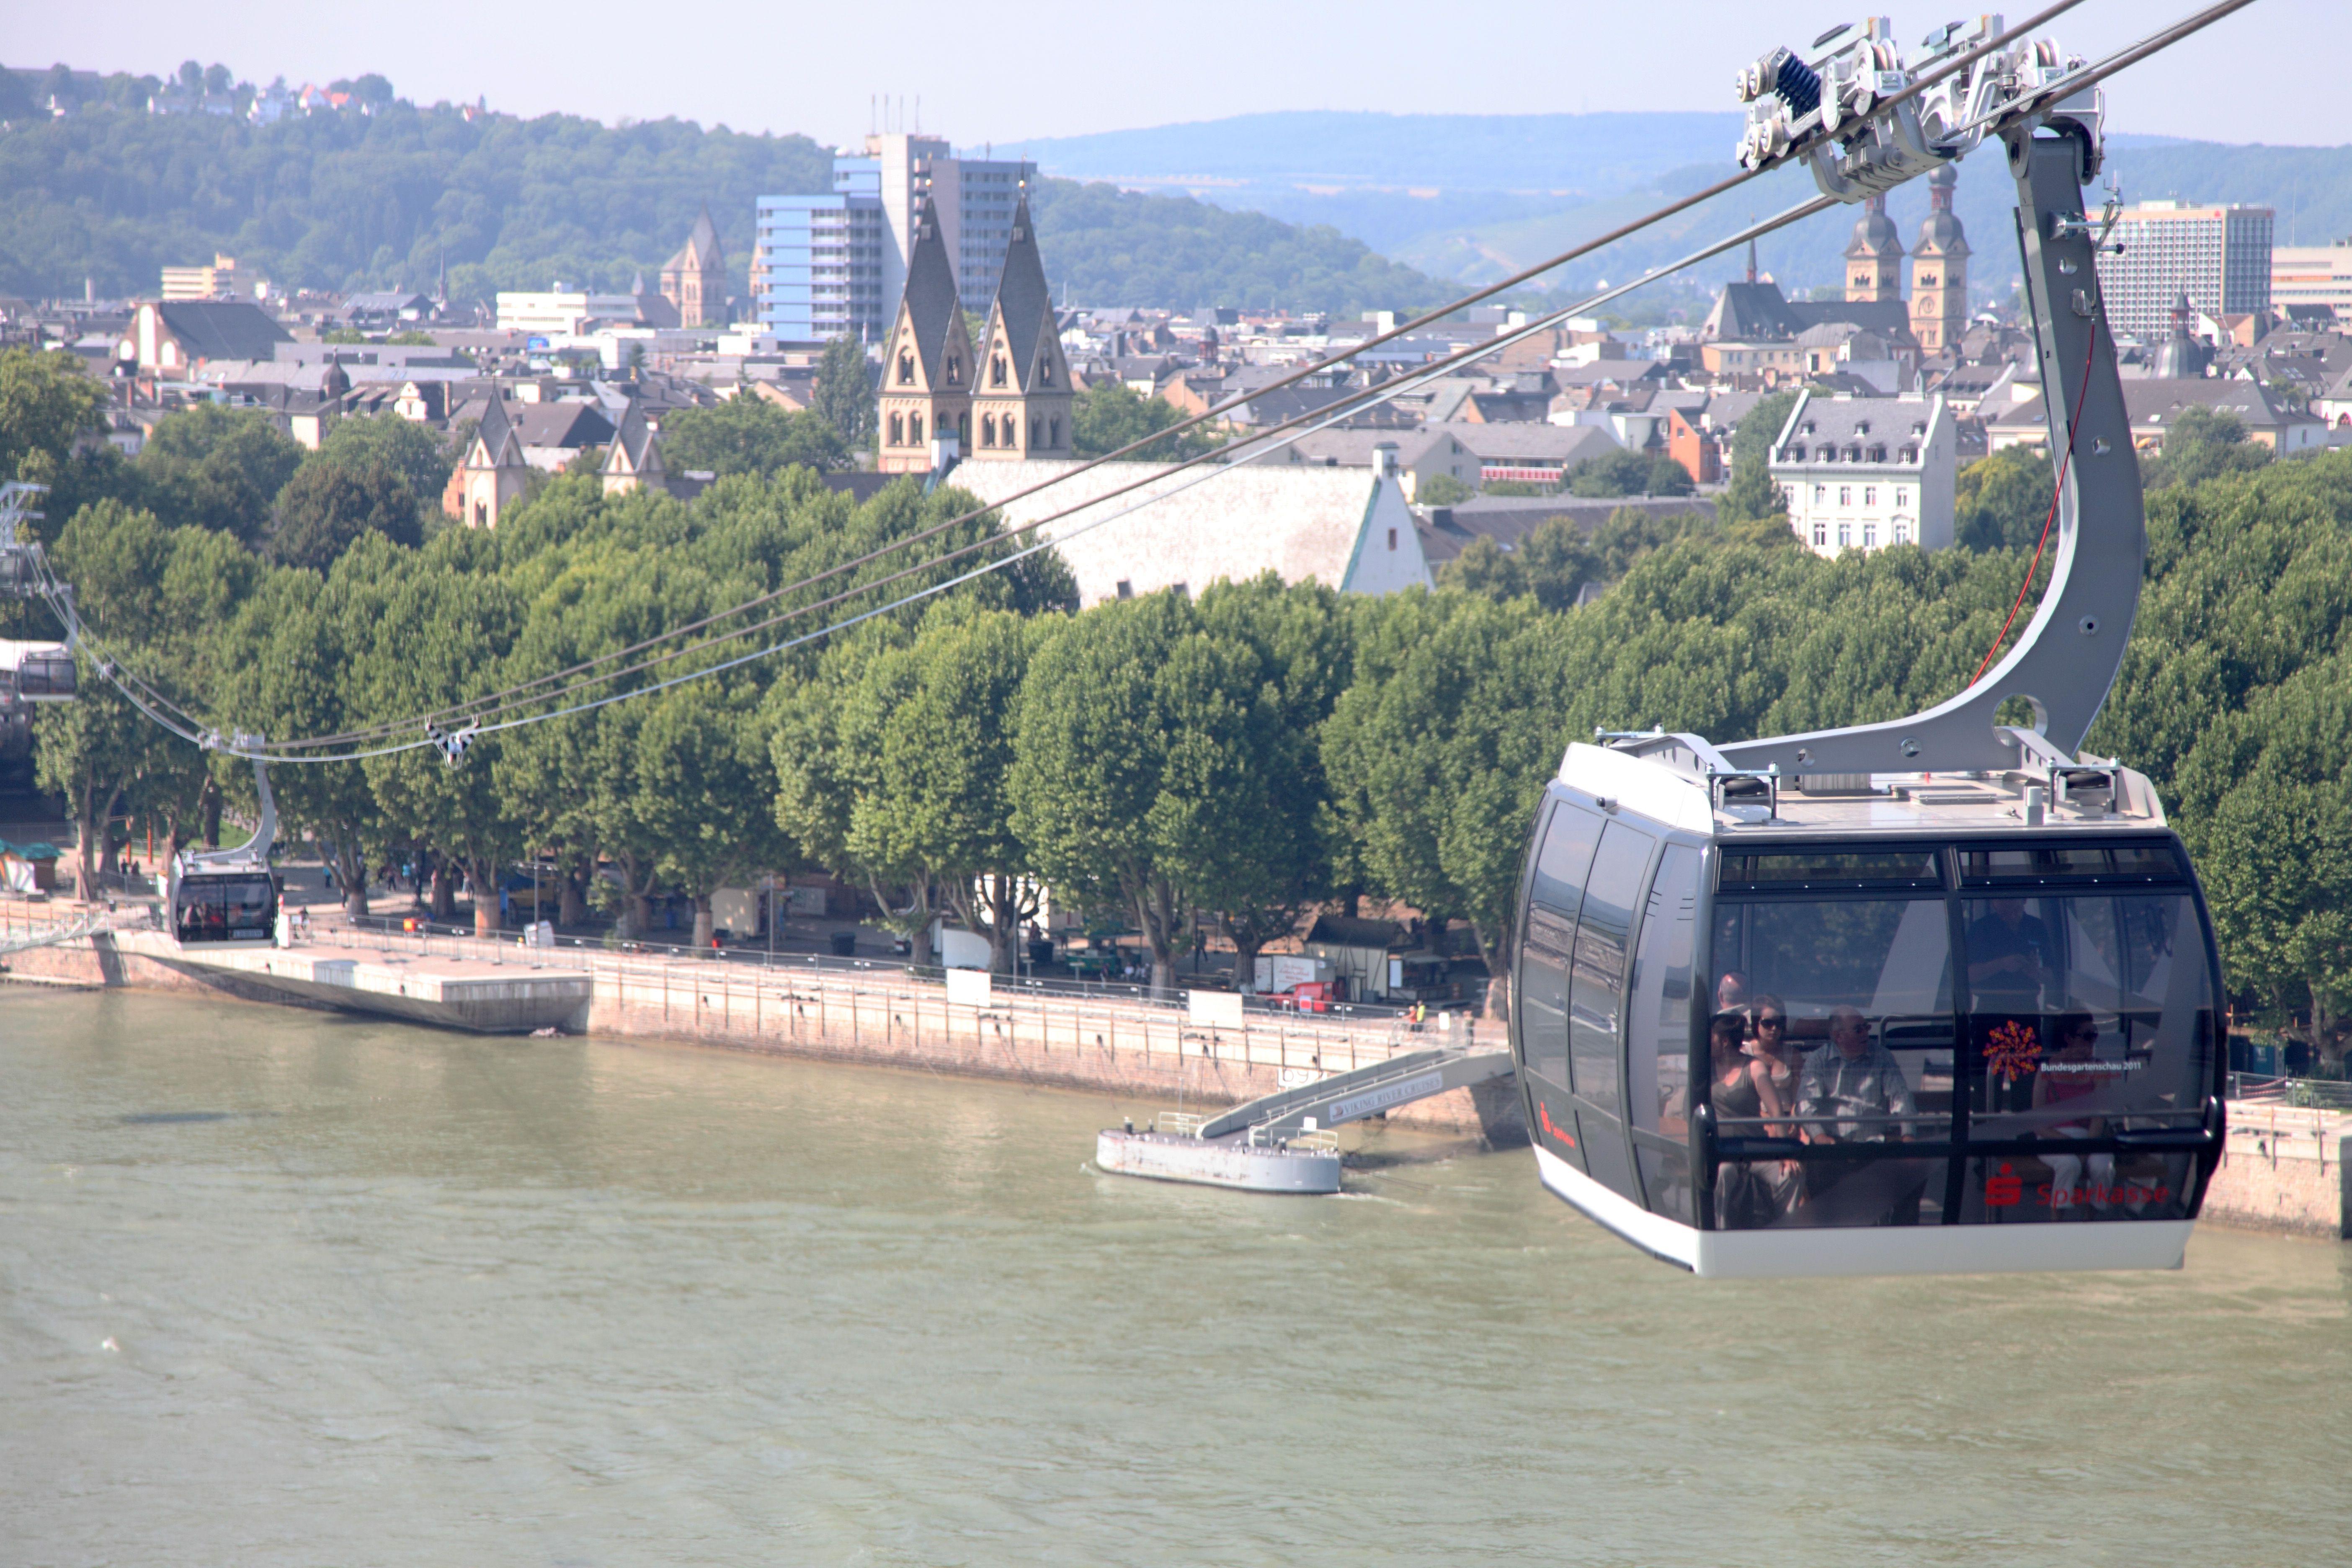 Schweben über dem Rhein: die Seilbahn Koblenz verbindet das Konrad-Adenauer-Ufer mit der Ehrenbreitsteiner Festung